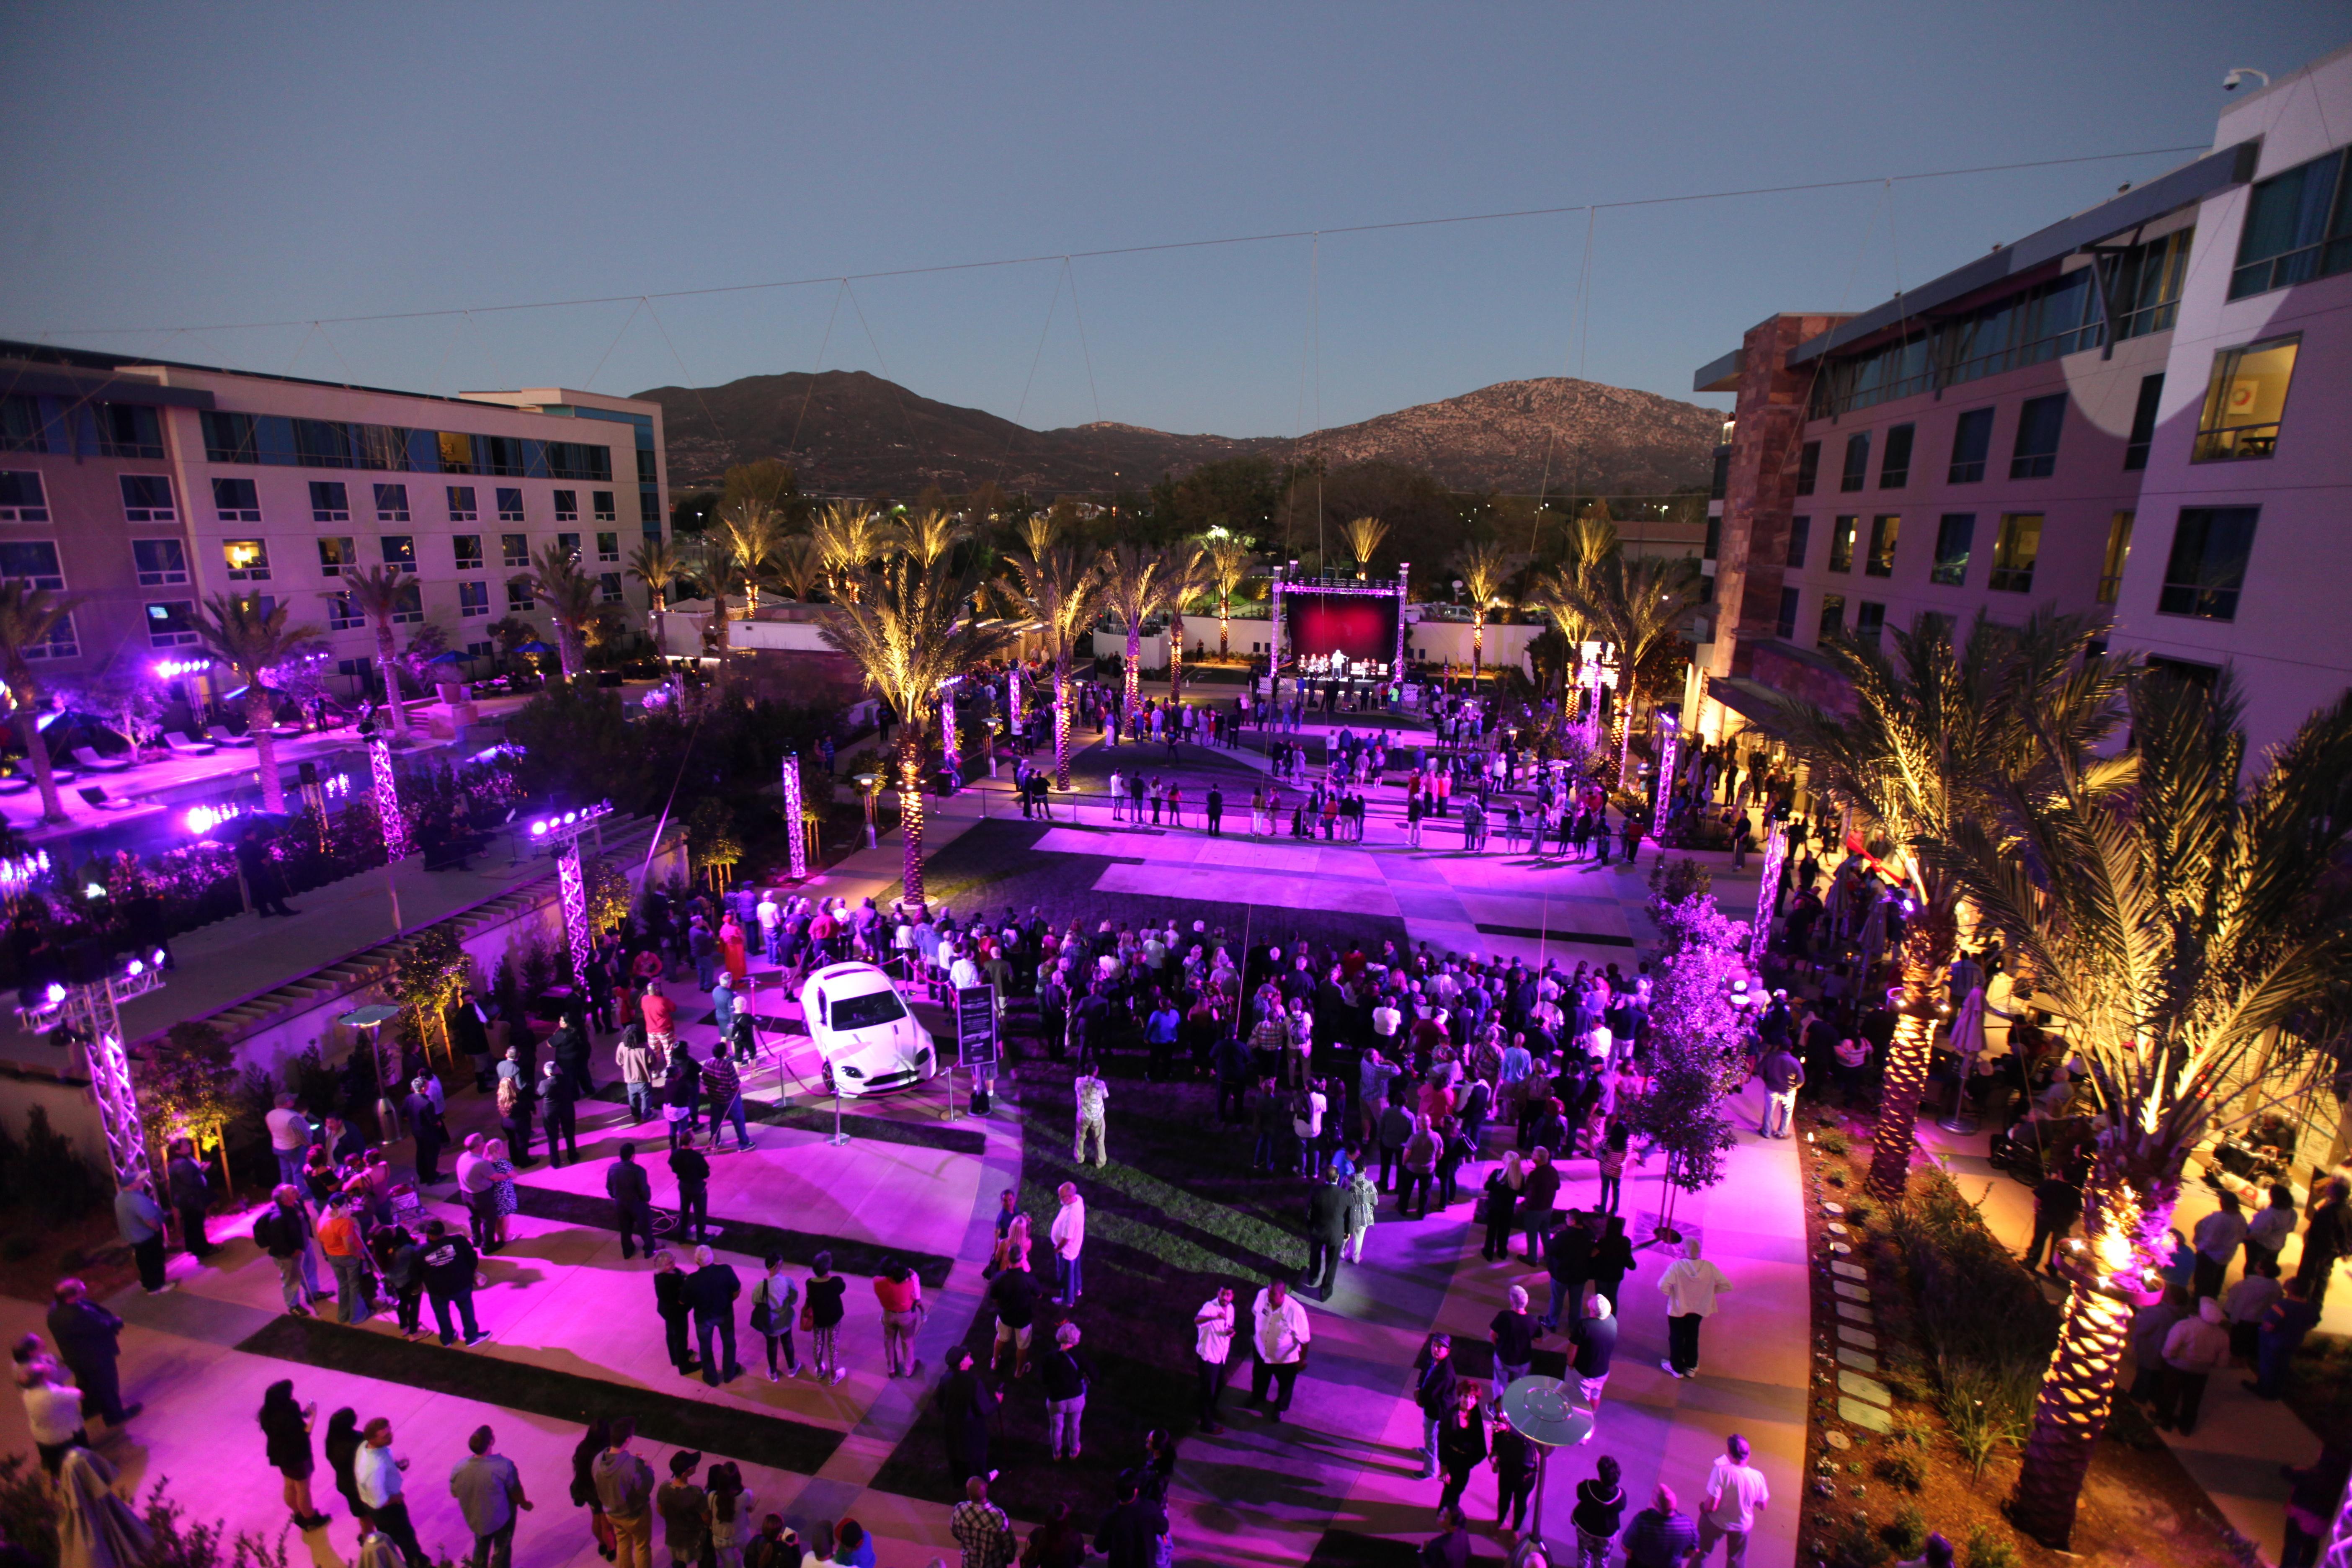 Viejas casino san diego concerts